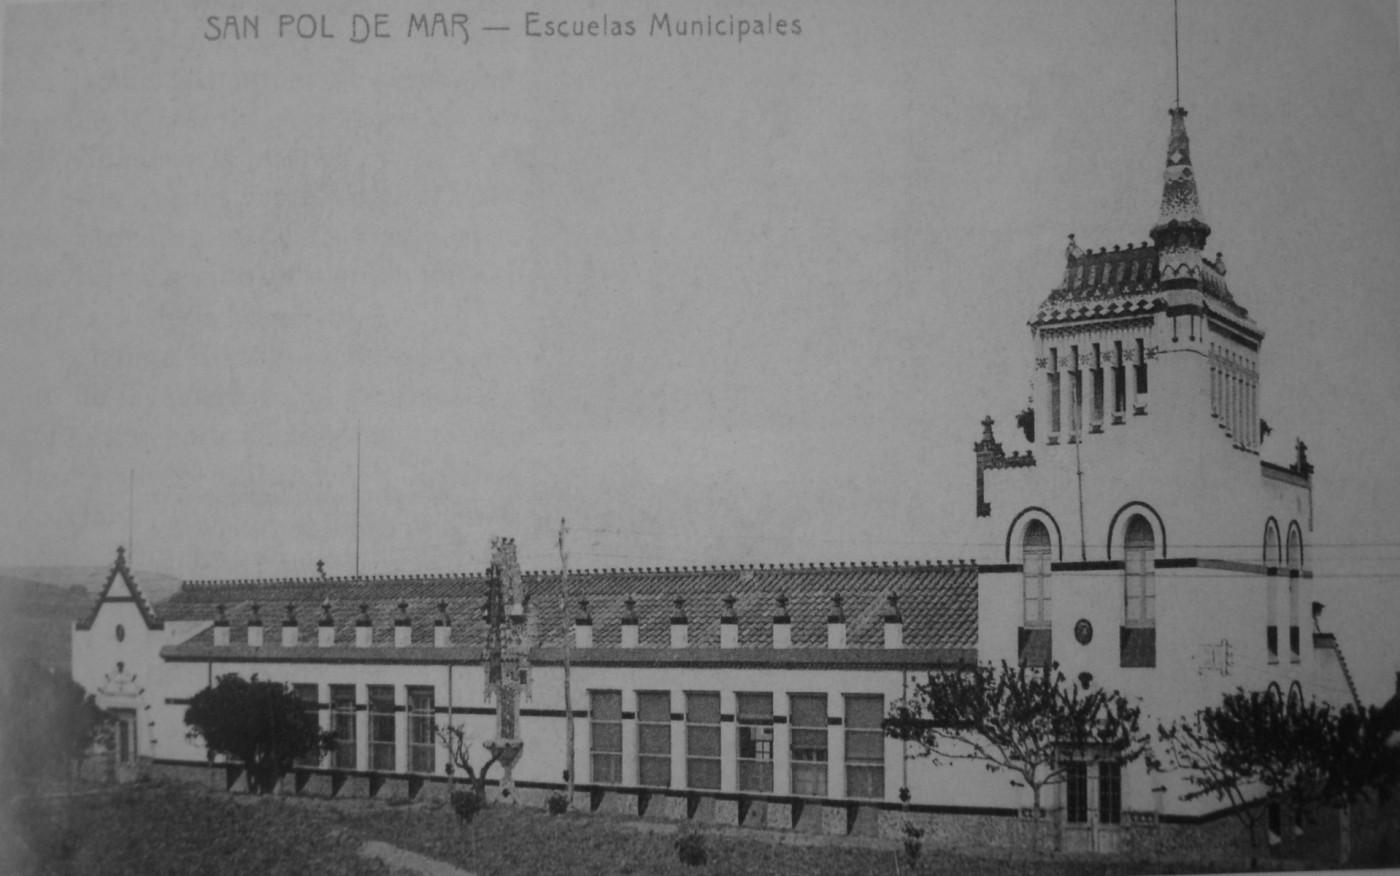 antigues escoles st. pol de mar